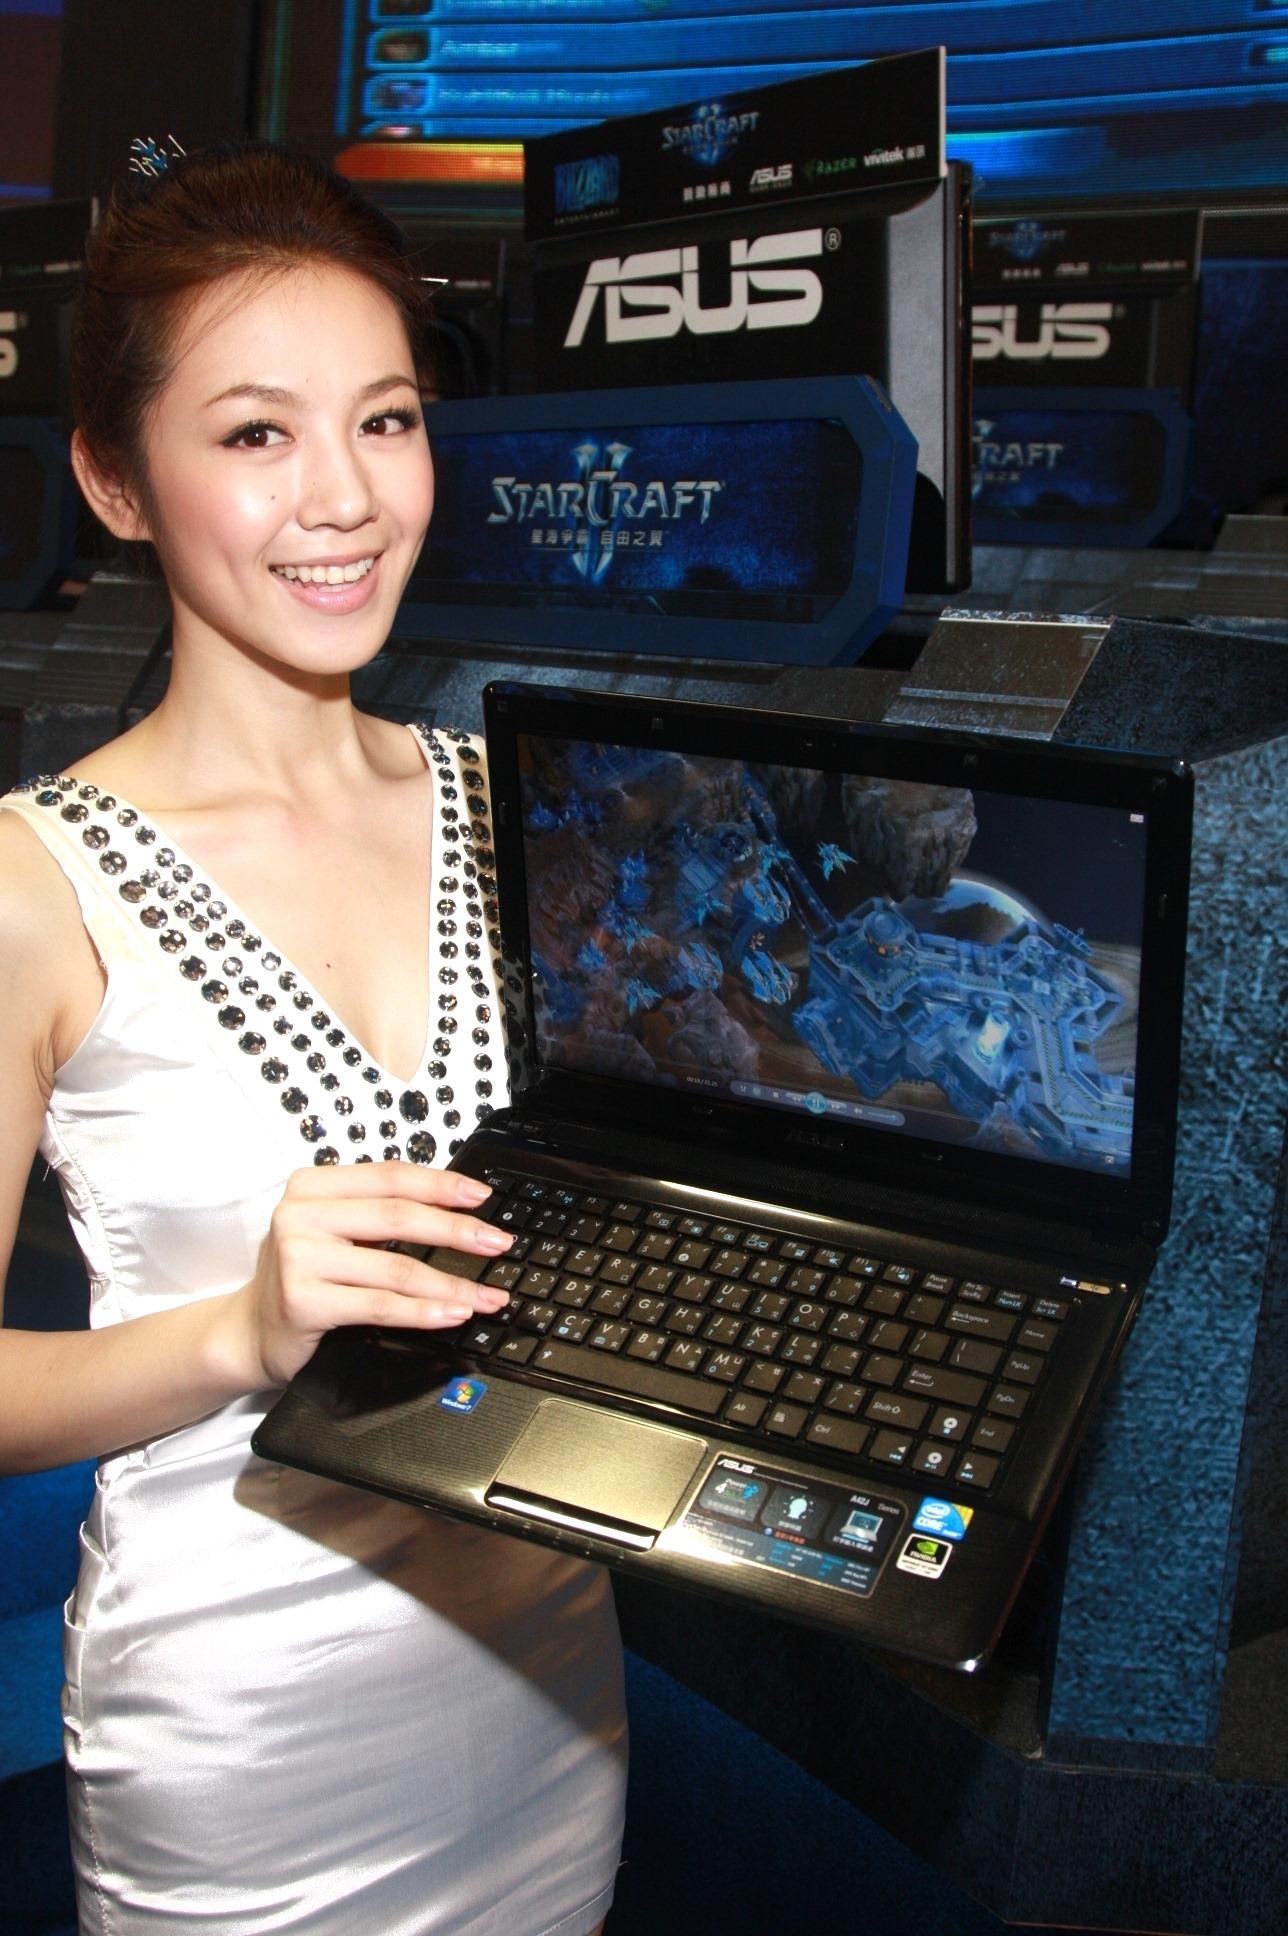 華碩獲選星海爭霸II「官方合作夥伴」